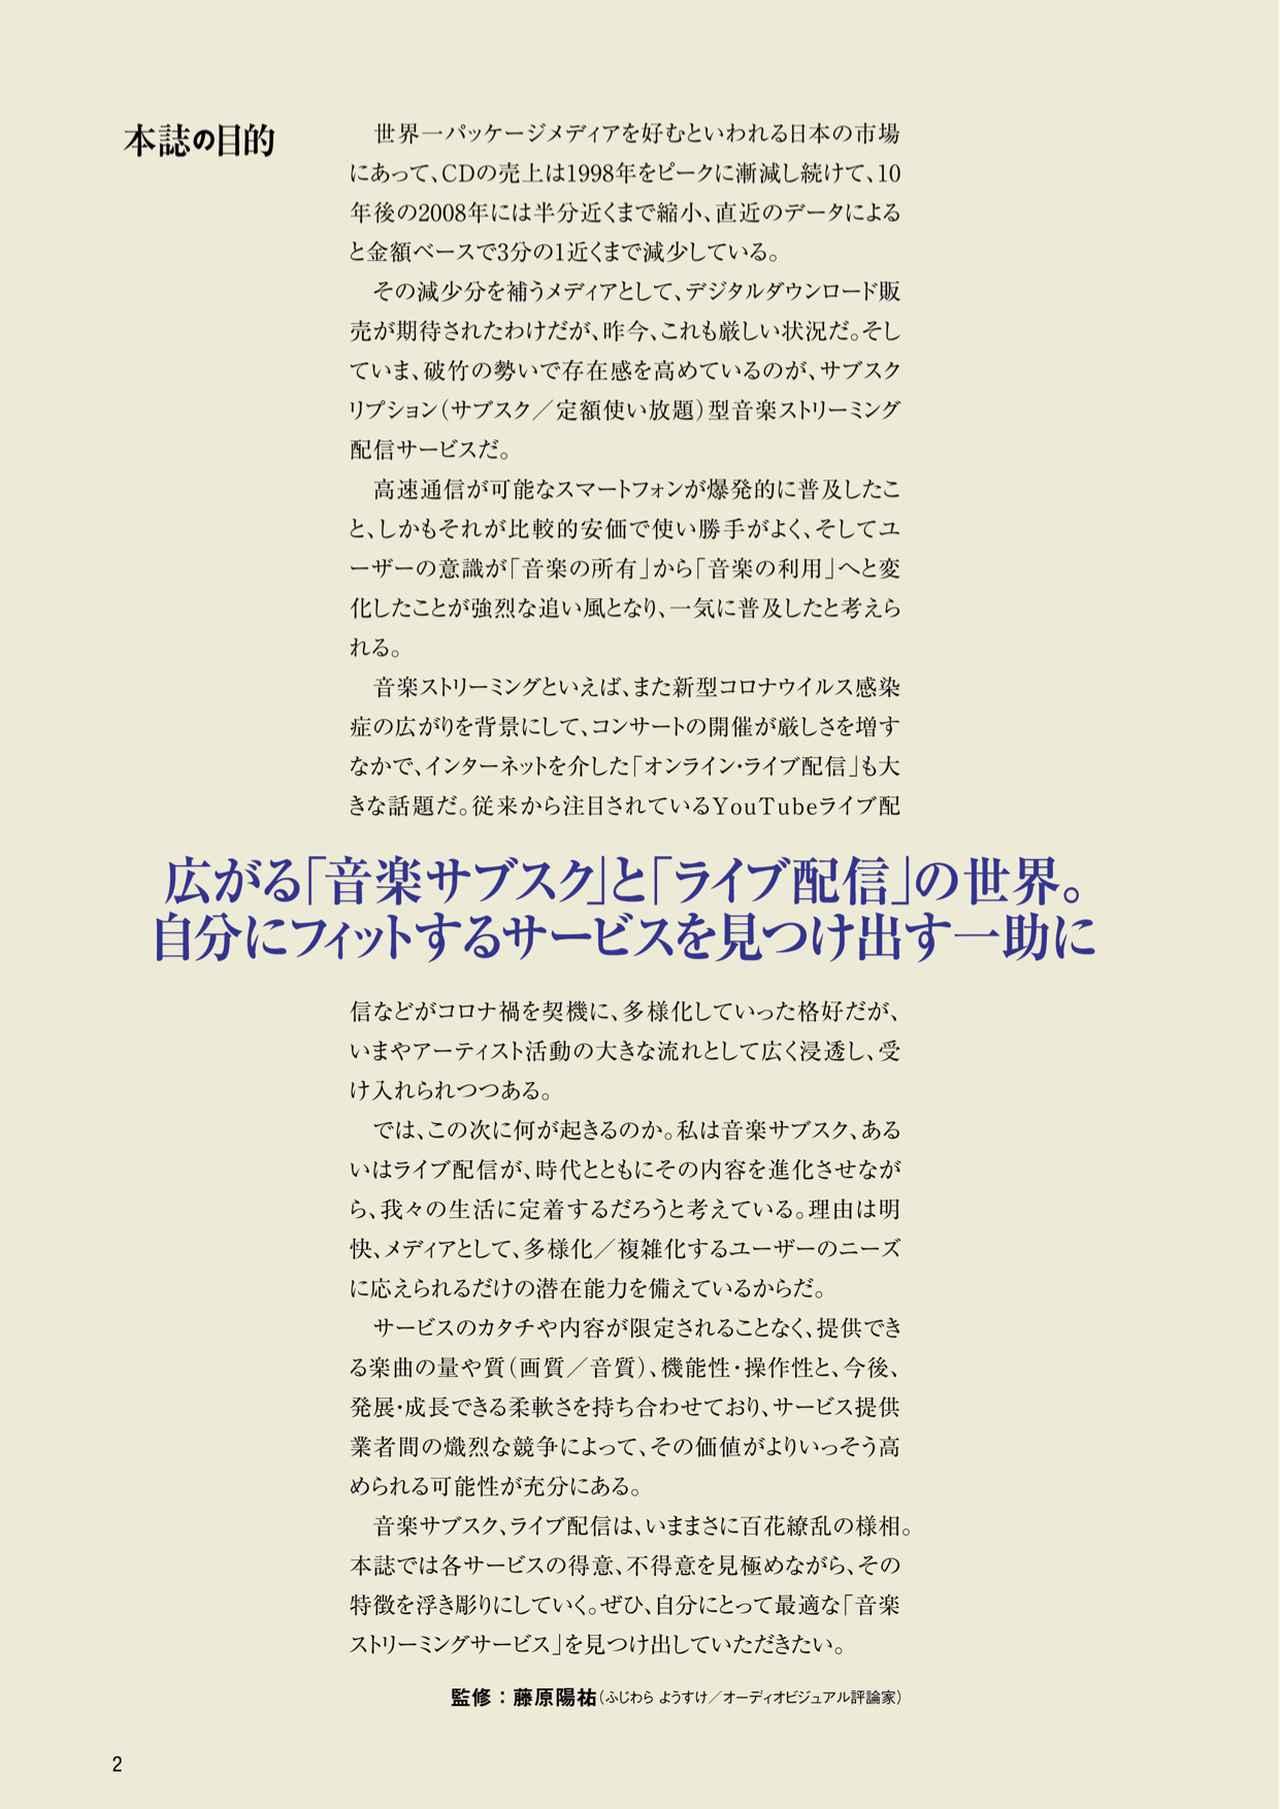 画像: 本誌の目的を、監修の藤原陽祐さんが執筆。本ムックでは、音楽サブスクとライブ配信の魅力ある世界を「かんたん、わかりやすい」かたちで紹介していく